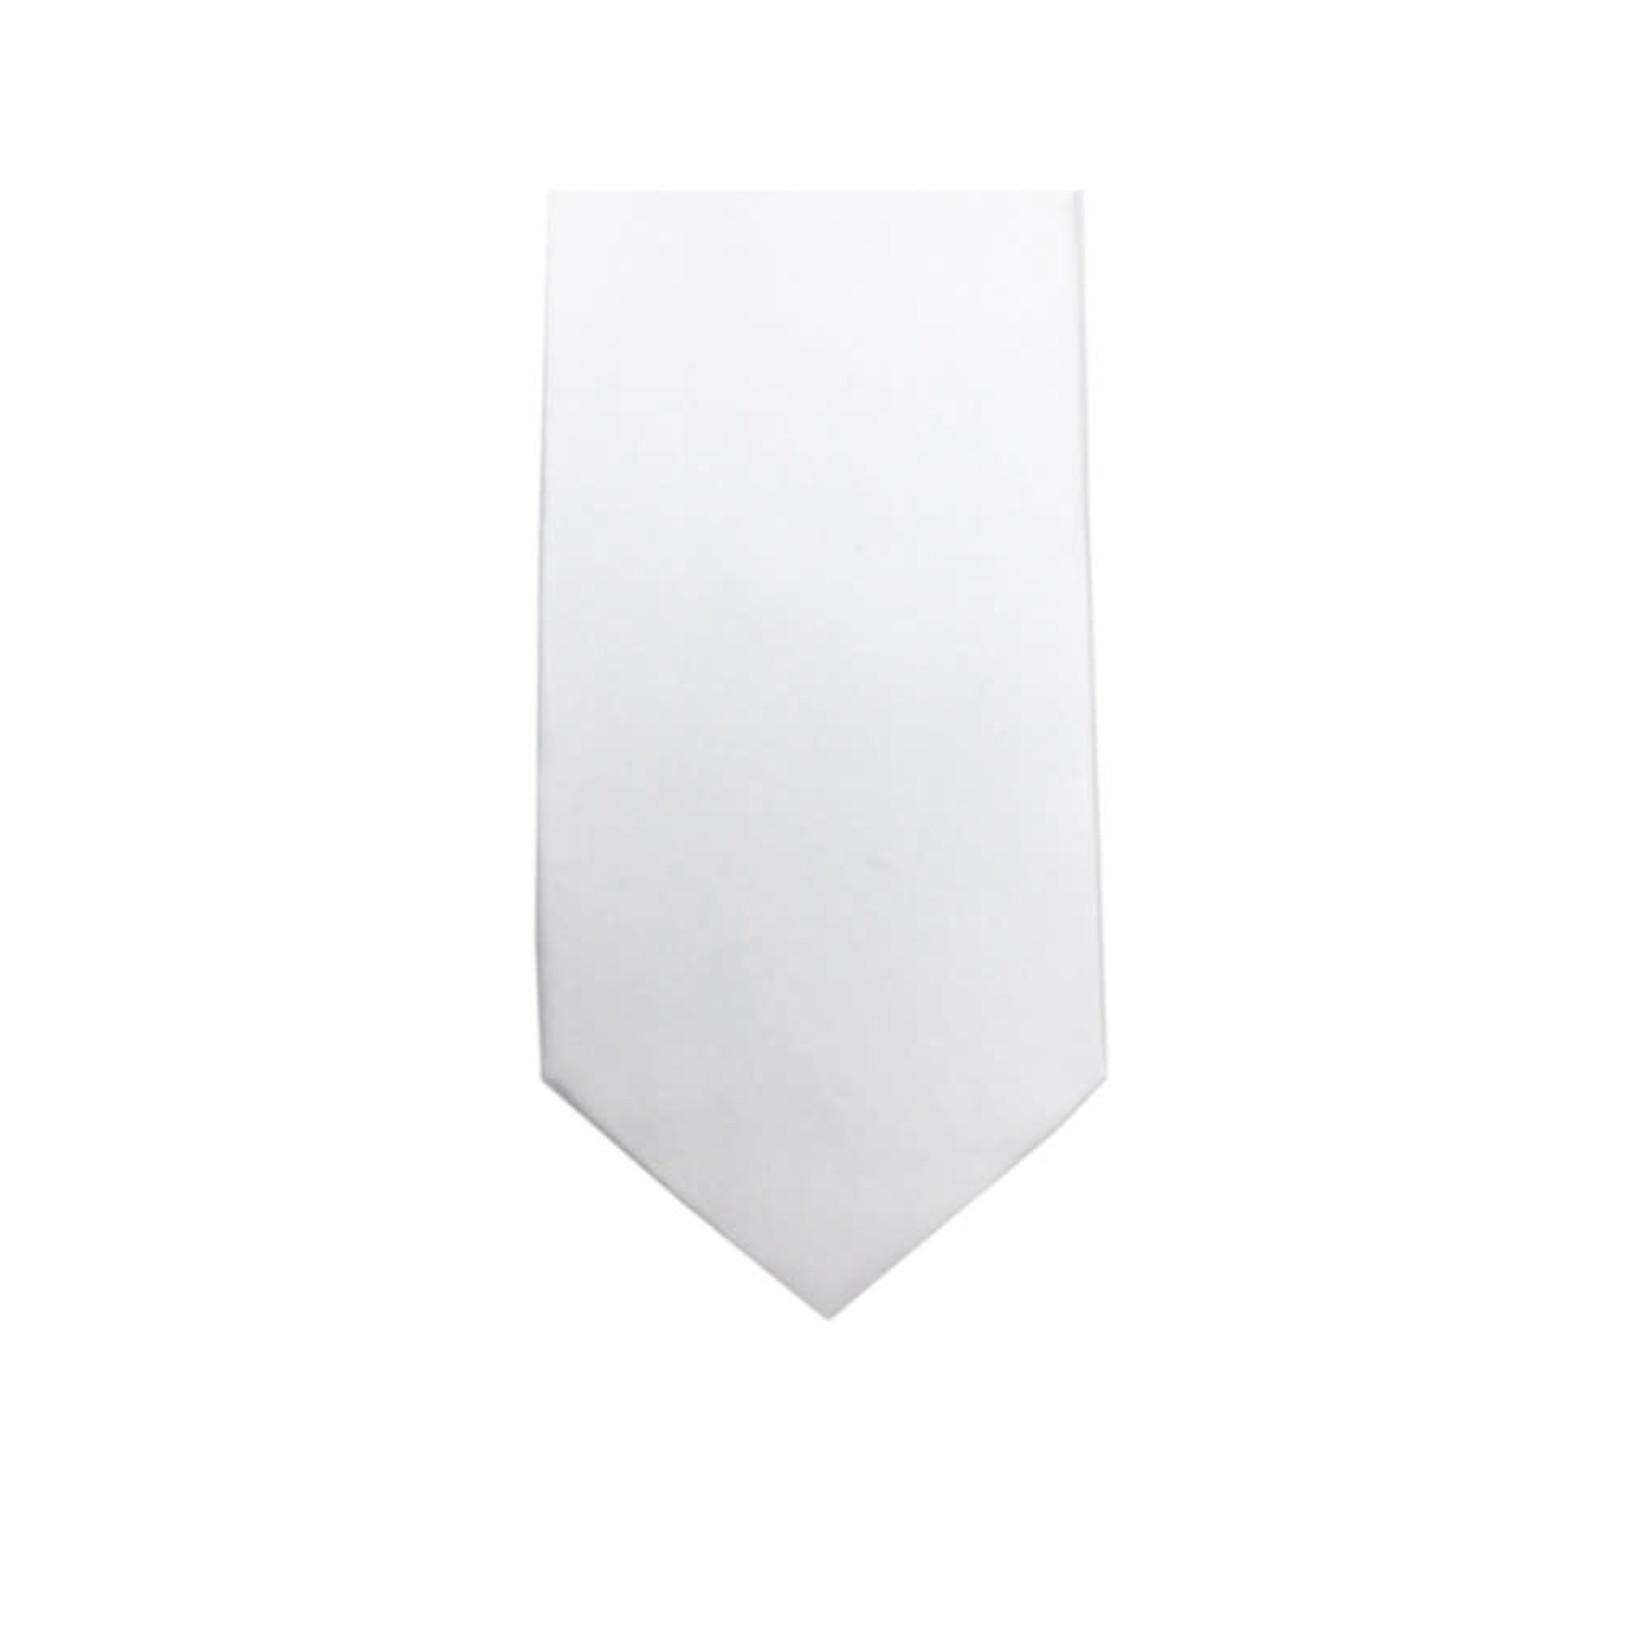 Knotz M100-11 Solid White Tie